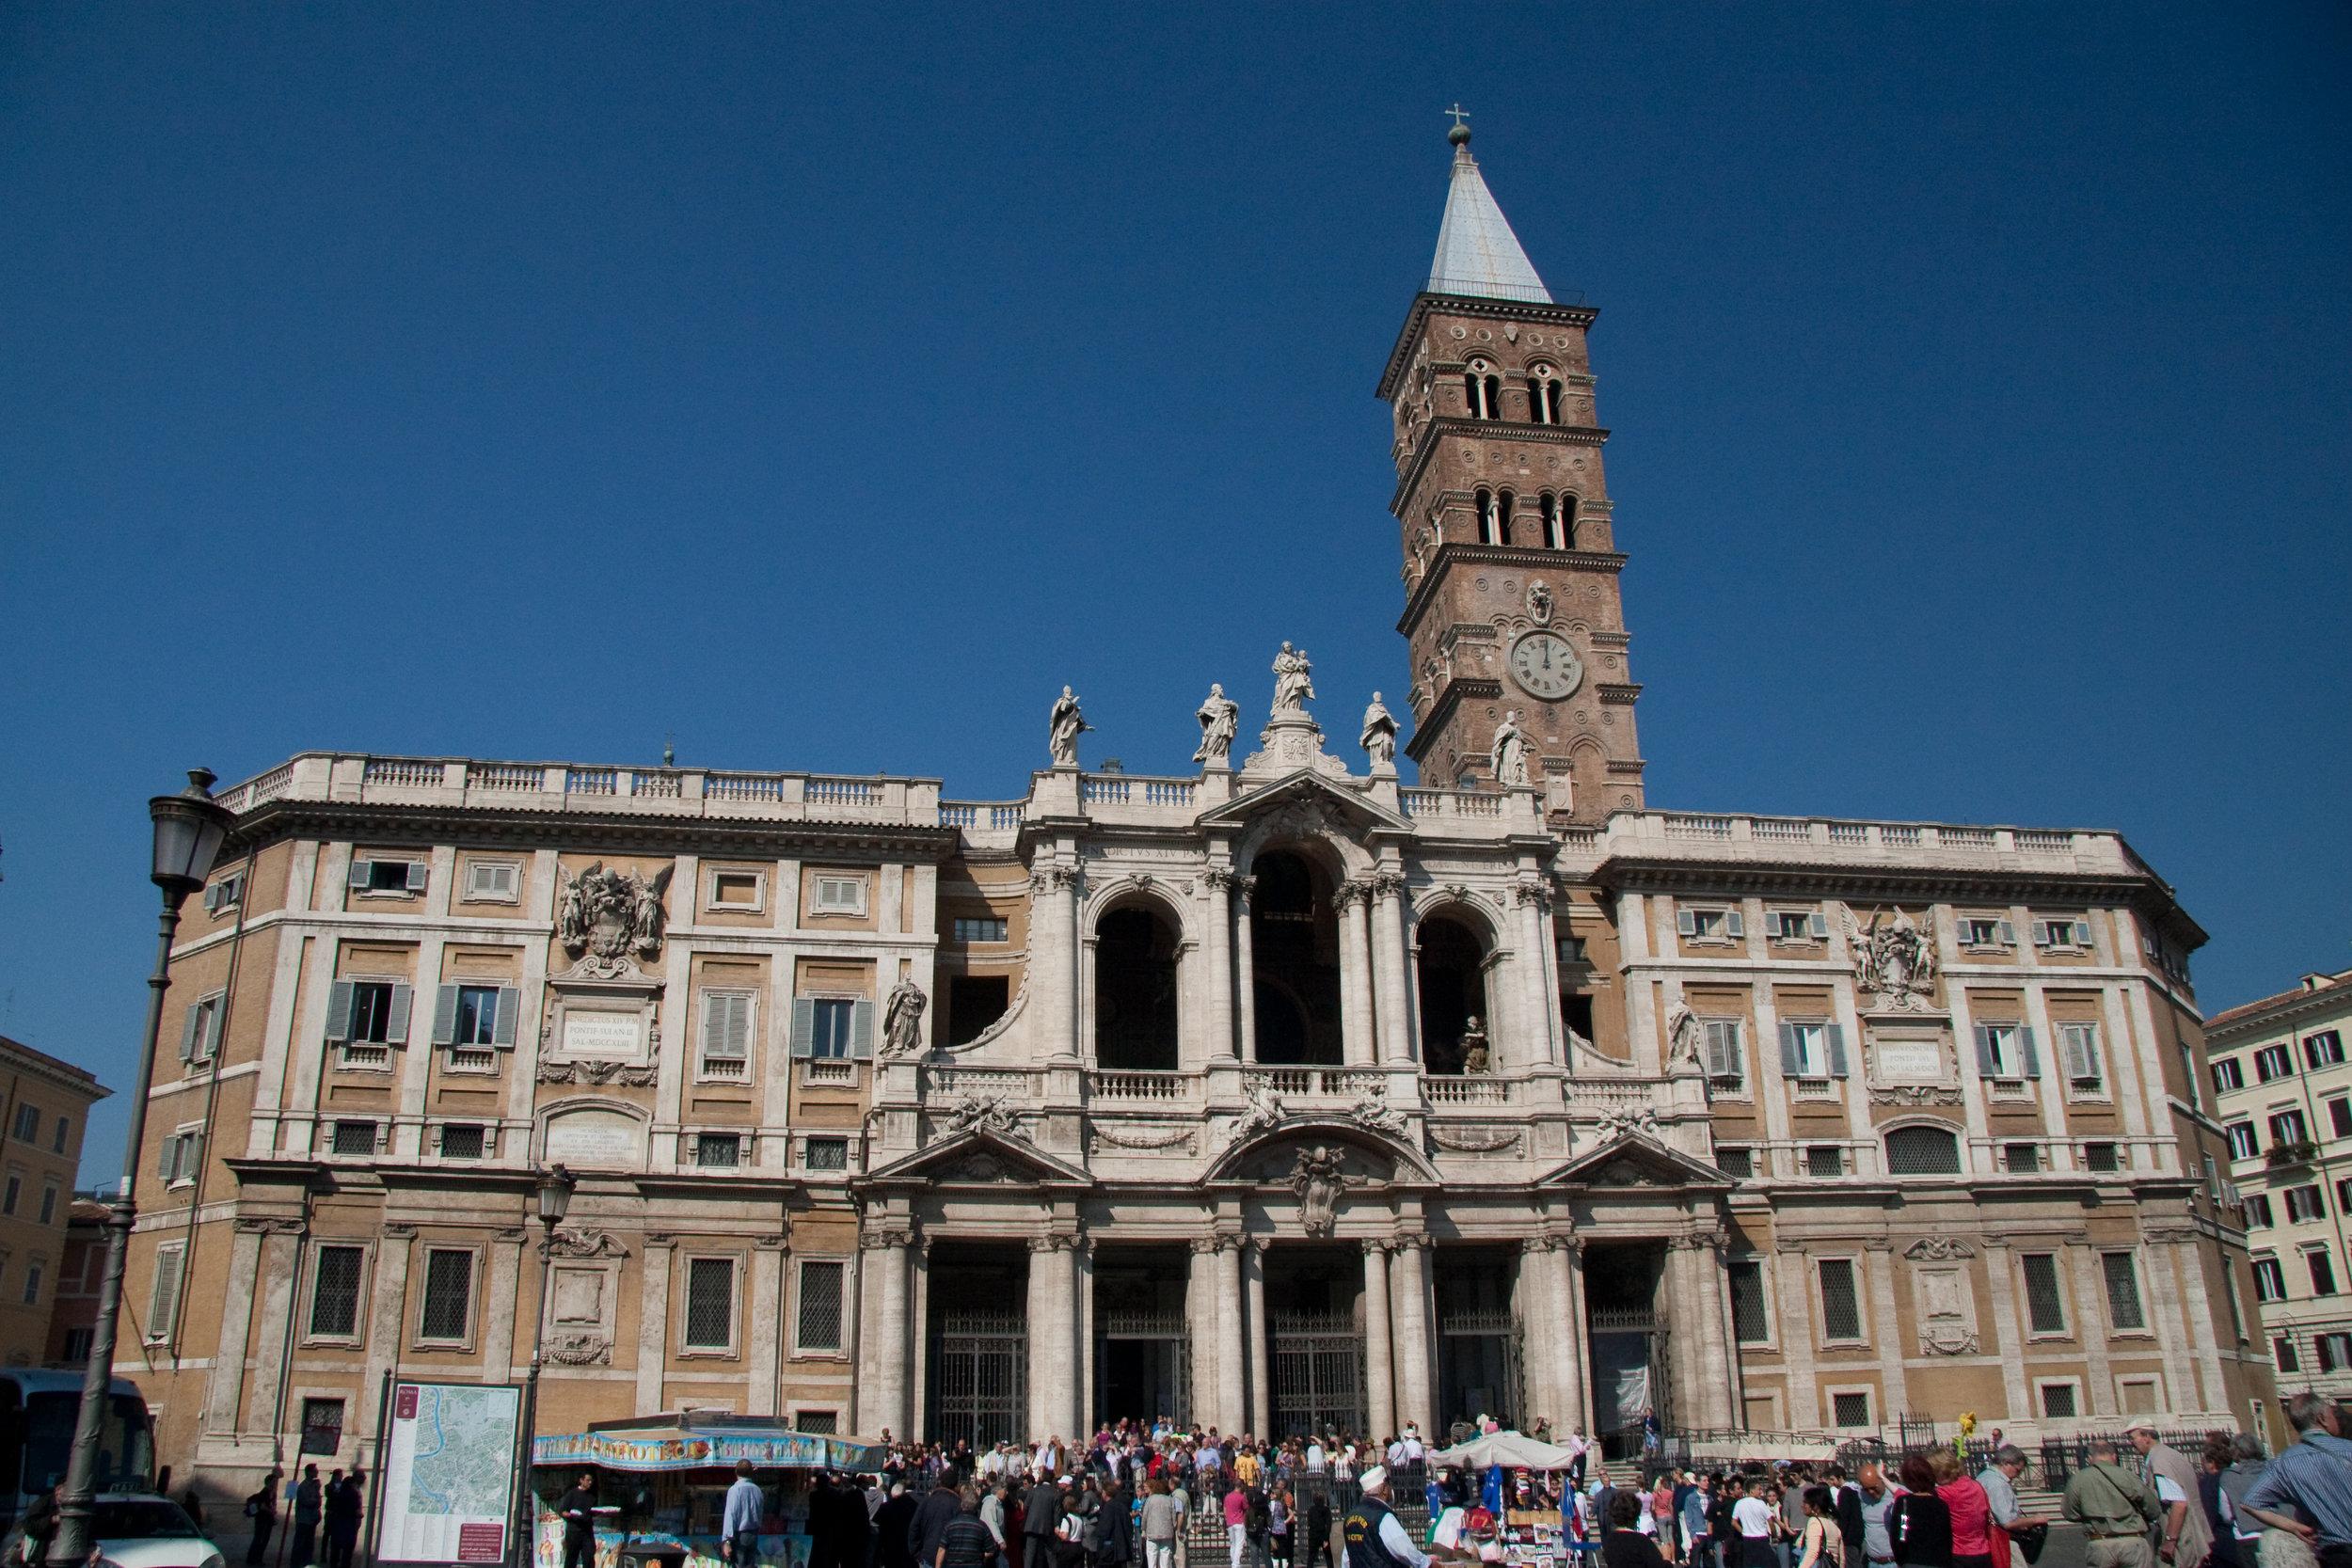 Basilica_di_Santa_Maria_Maggiore_-_8.jpg